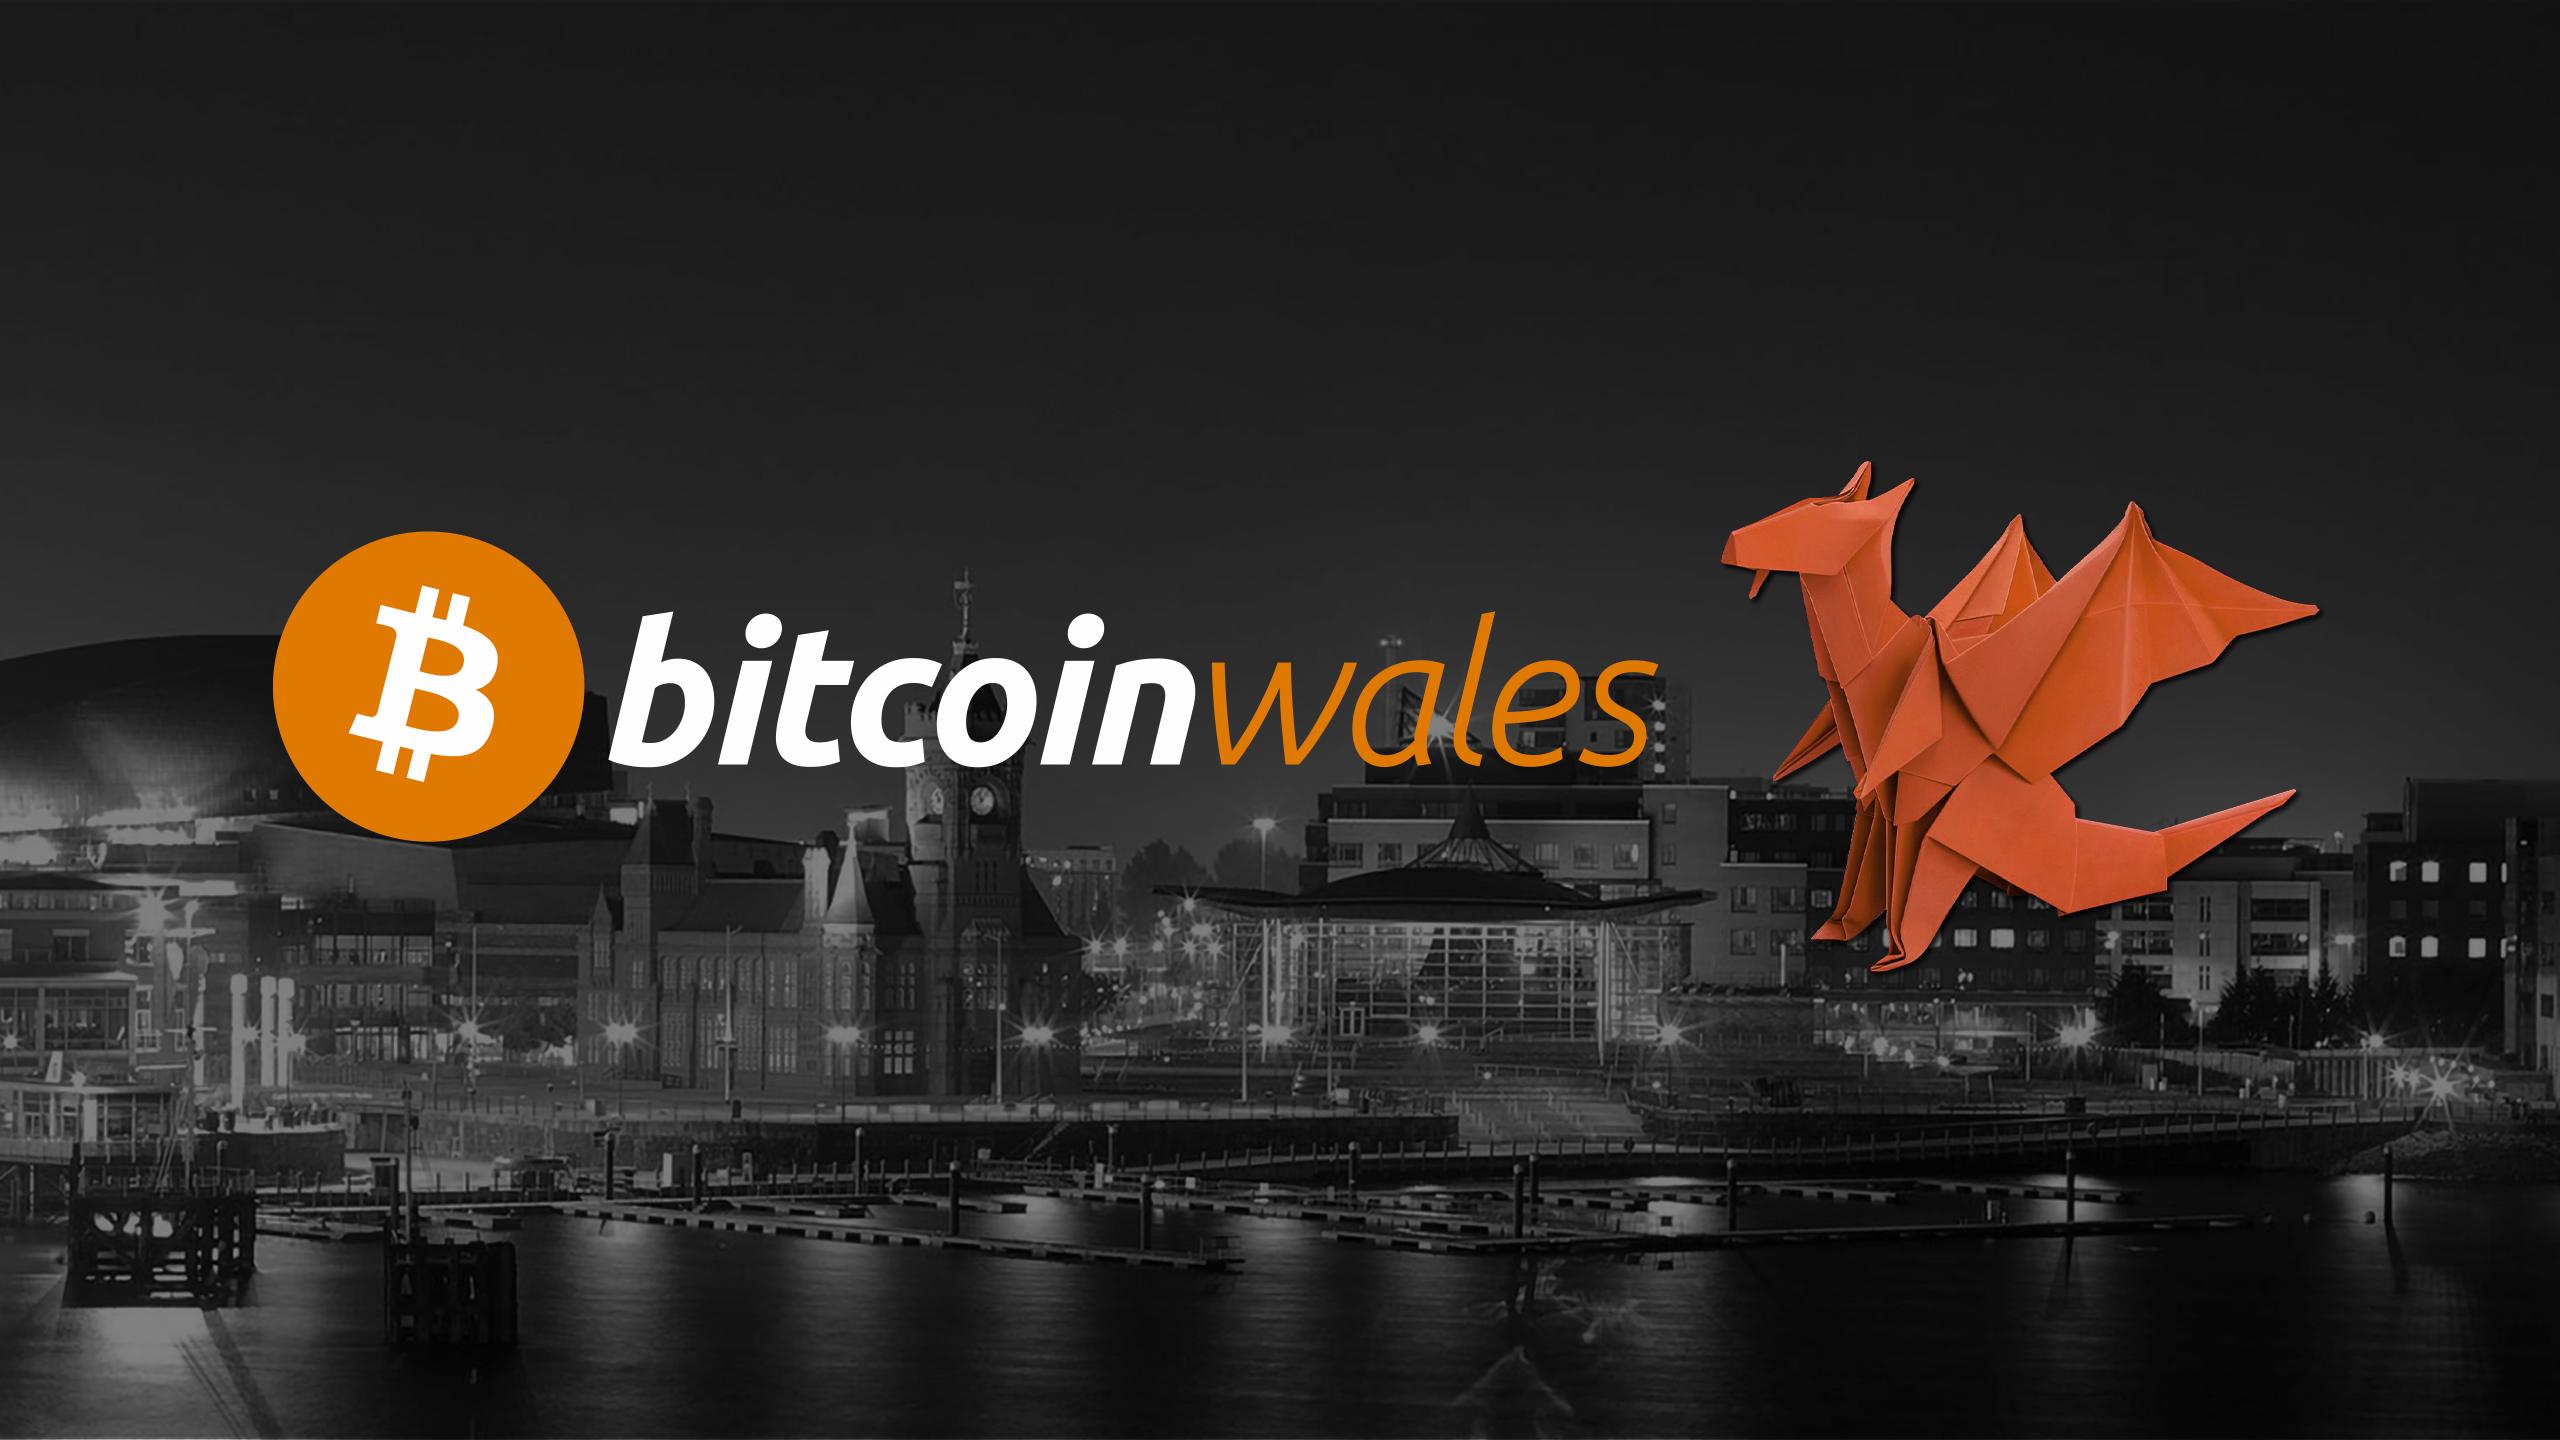 Bitcoin Wales